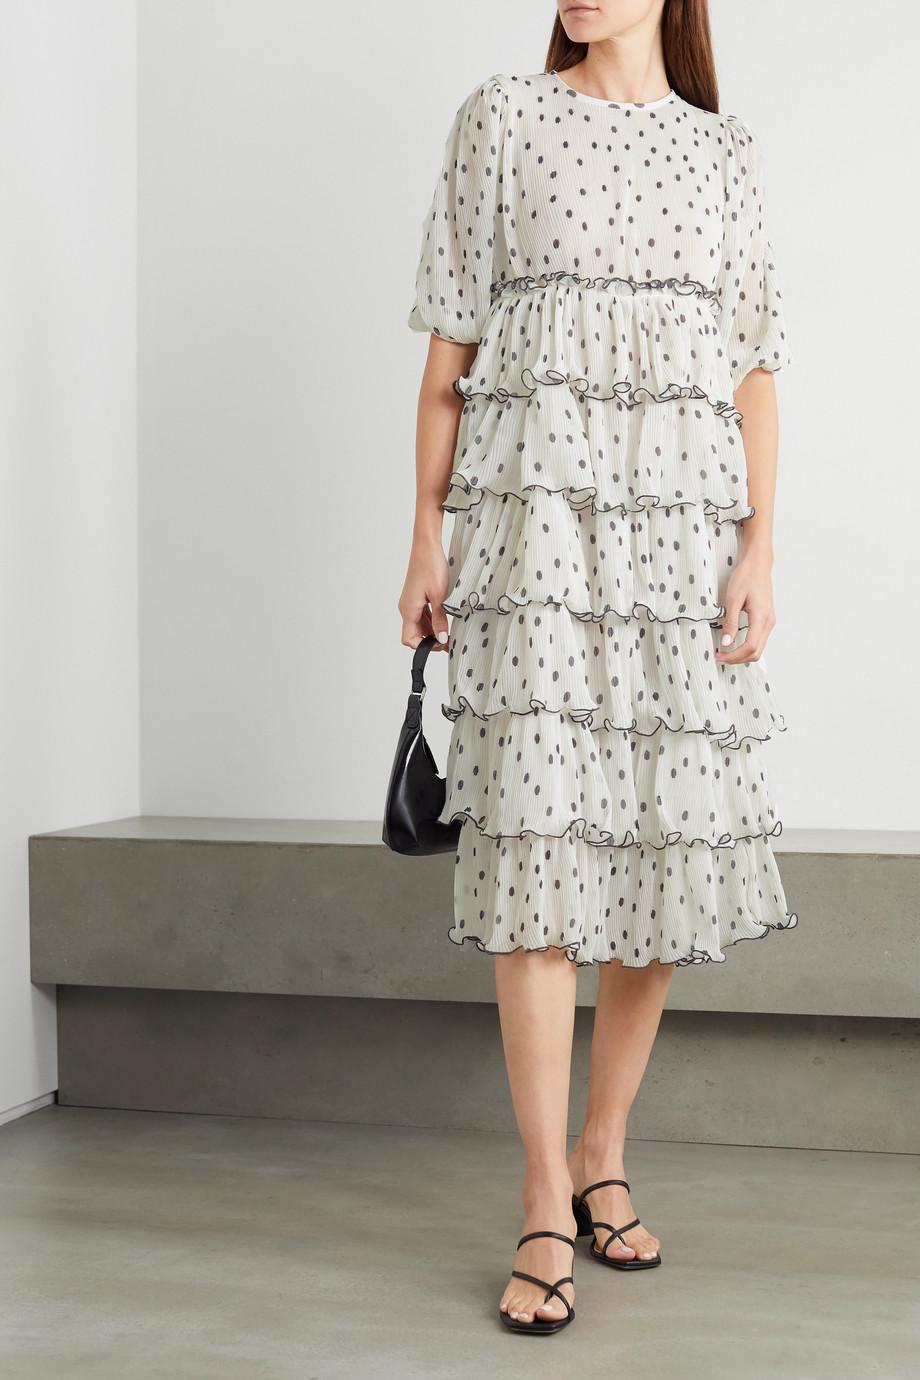 GANNI + NET SUSTAIN tiered polka-dot plissé-georgette midi dress